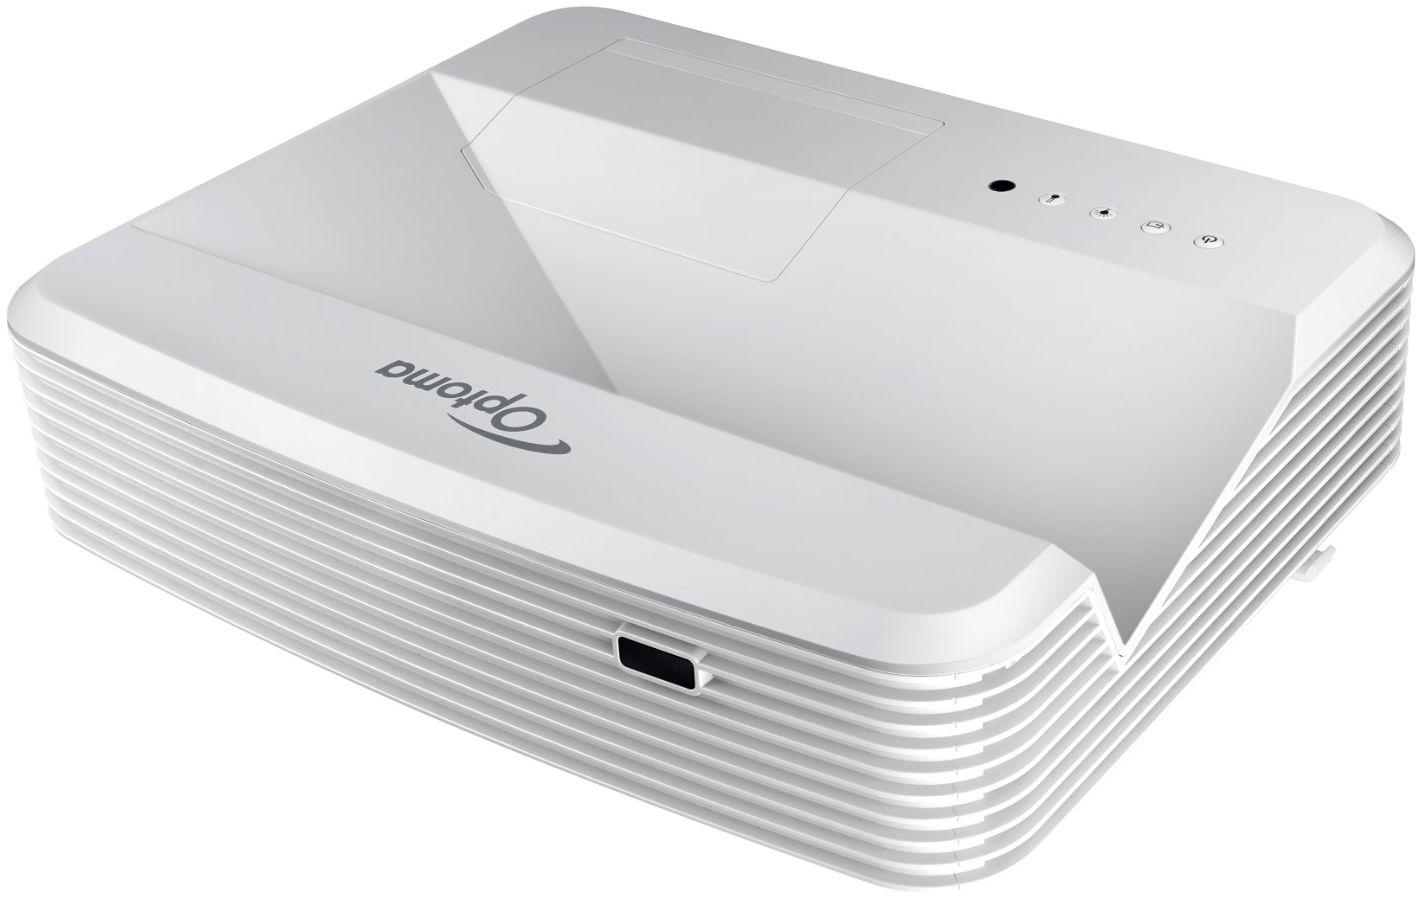 Projektor krótkoogniskowy Optoma GT5500+ Projektor archiwalny - dobierzemy najlepszy zamiennik: 71 784 97 60